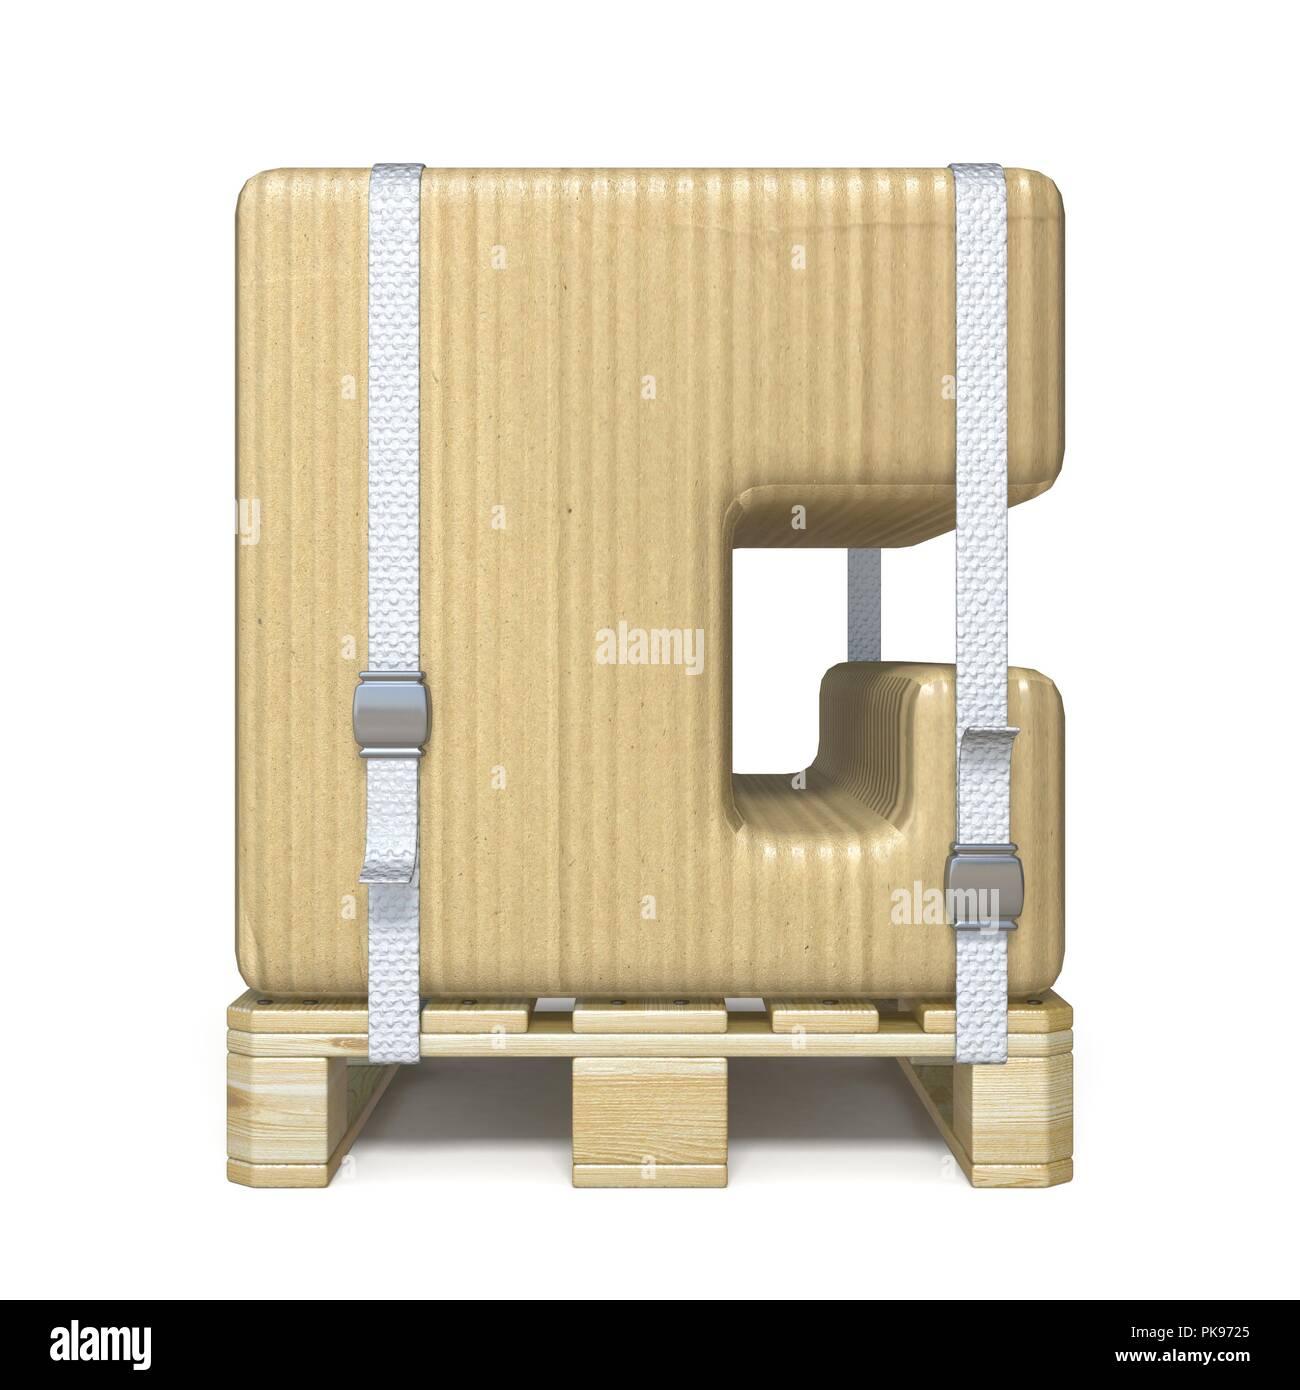 Karton font Buchstaben G auf Holzpalette 3D-Render Abbildung ...